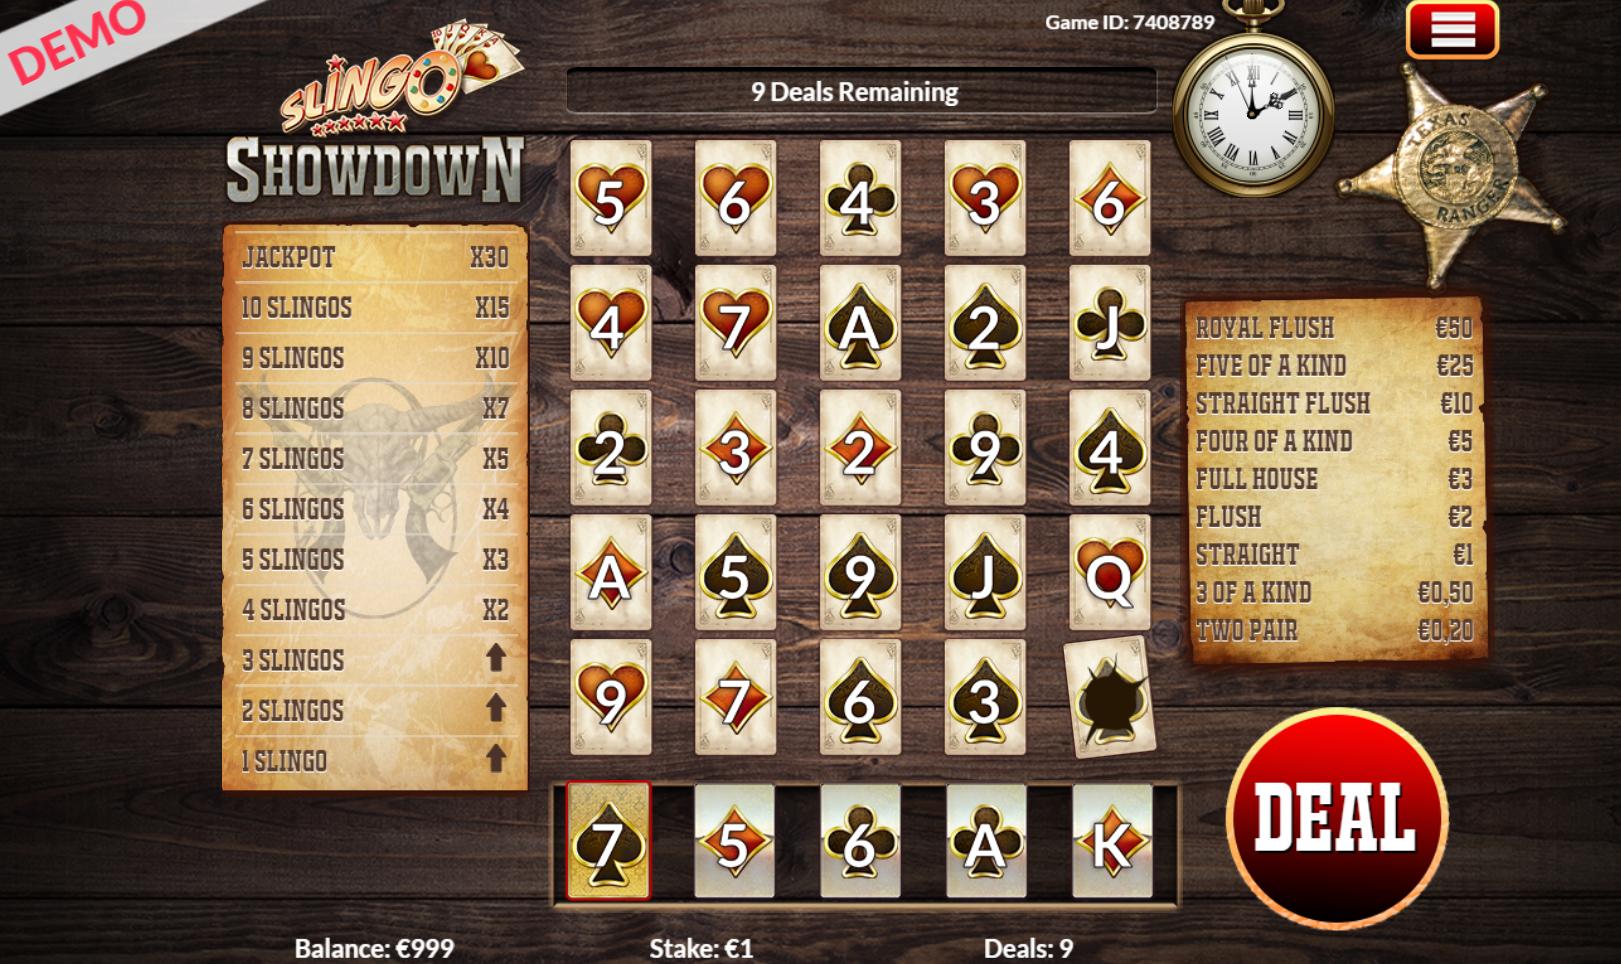 slingo showdown kazino žaidimas laukiniai vakarai